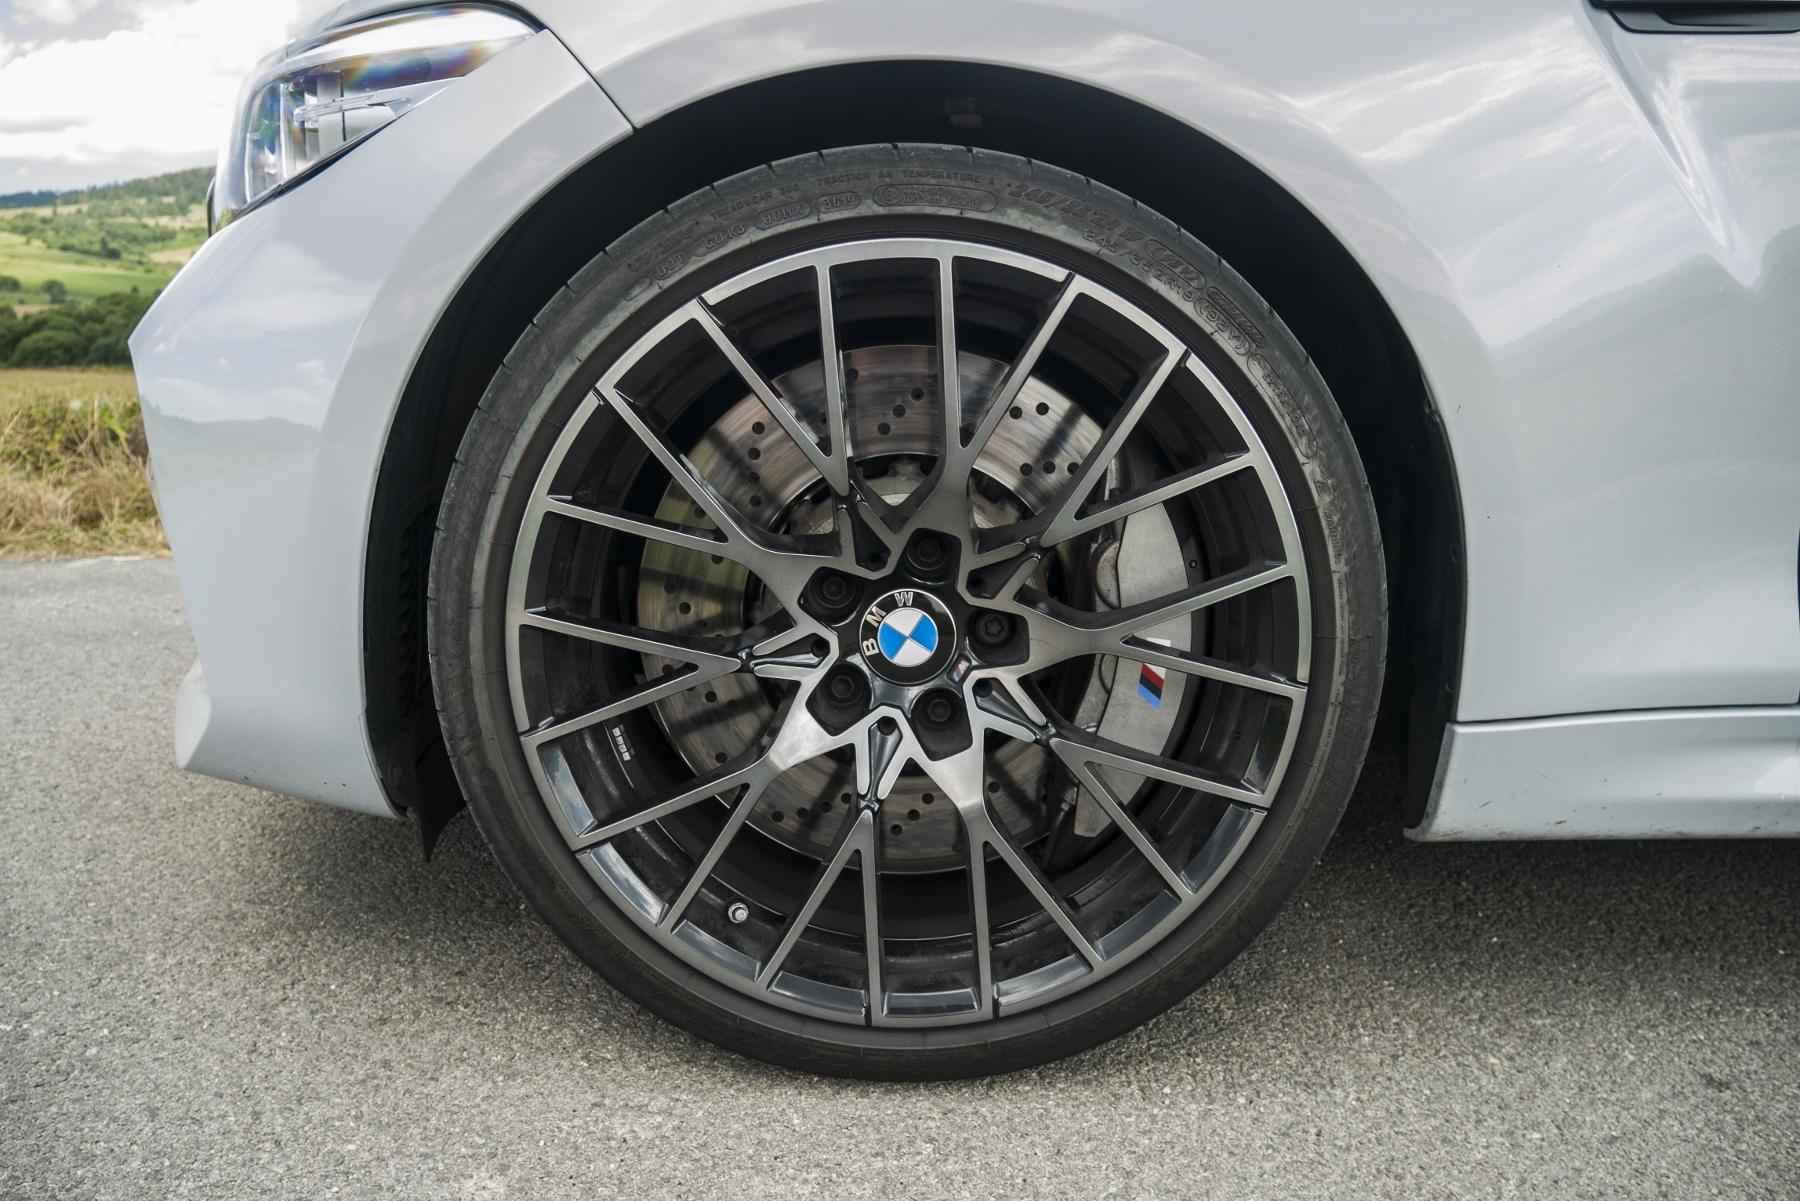 Test: BMW M2 Competition je nálož plná zábavy gzGRlDx5d5 bmw-m2-2